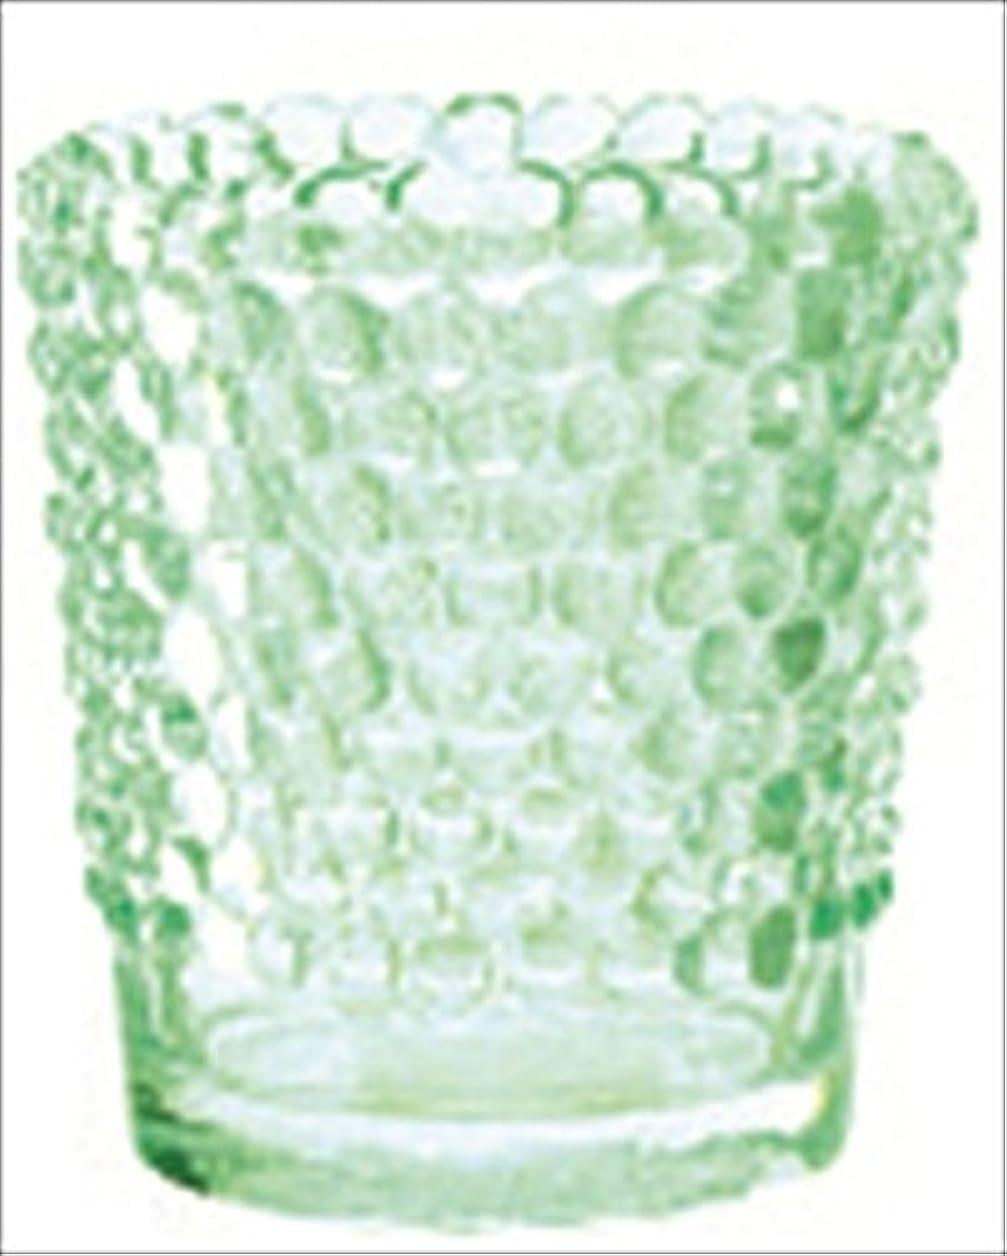 構造ジーンズゴムカメヤマキャンドル( kameyama candle ) ホビネルグラス 「 エメラルド 」